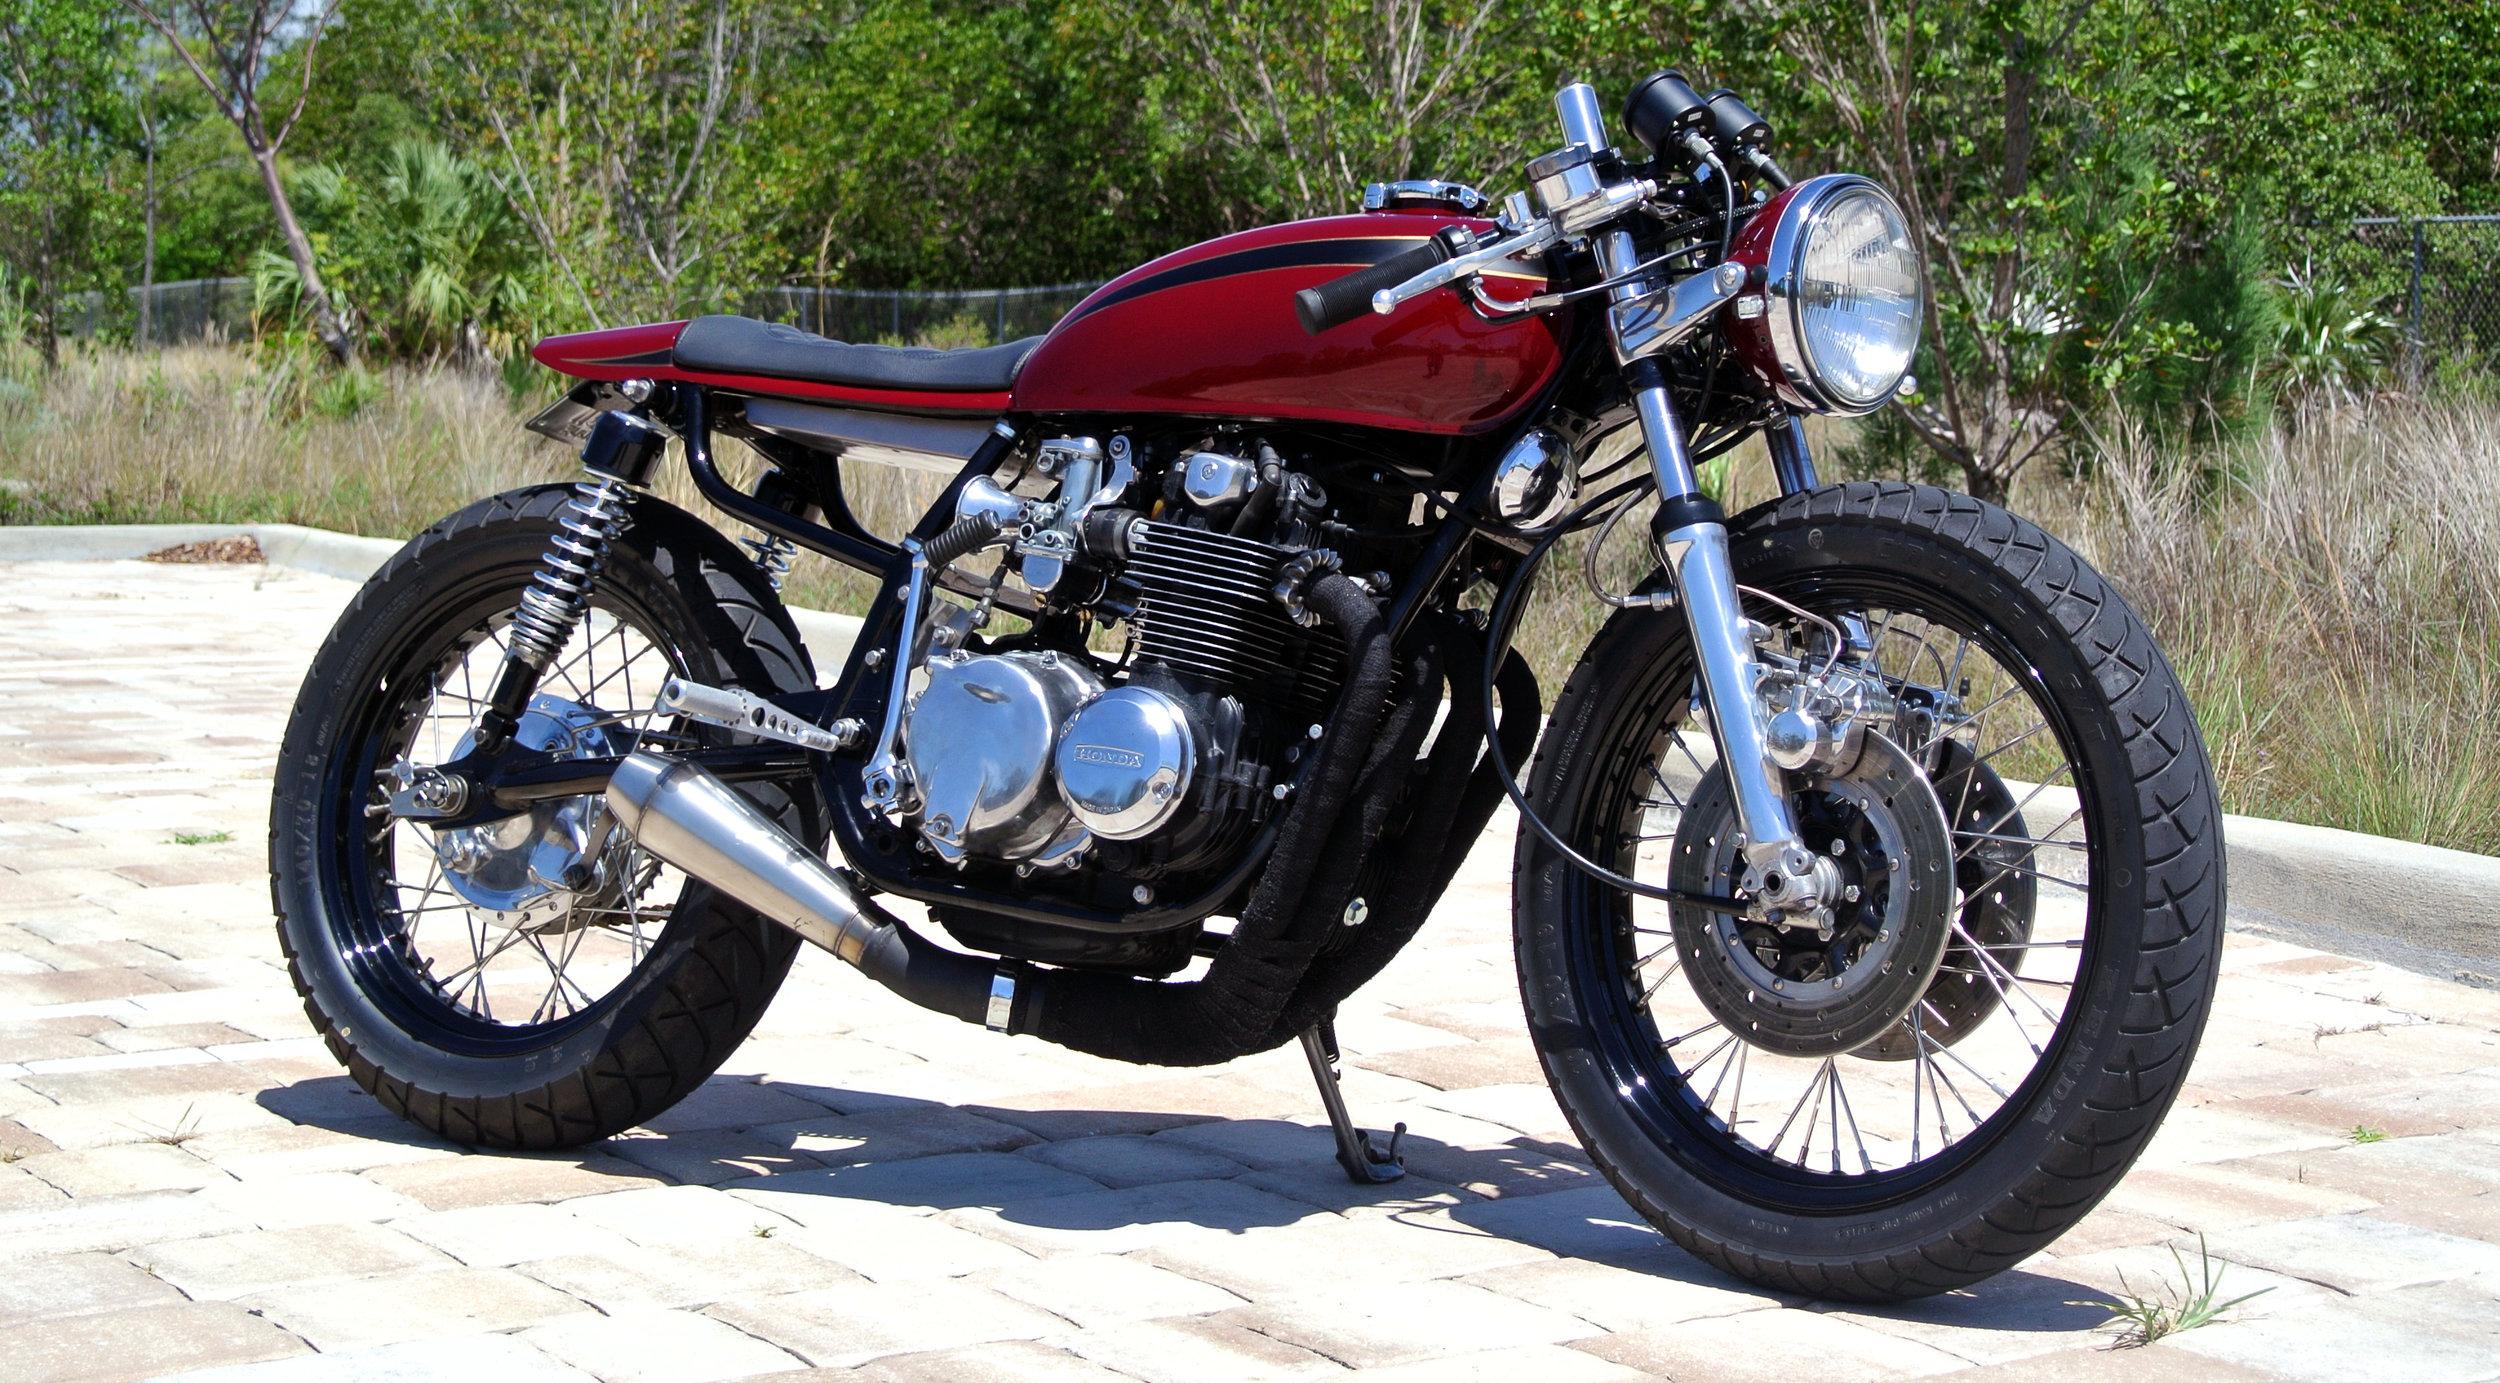 1976 Honda CB550 - Cafe Racer